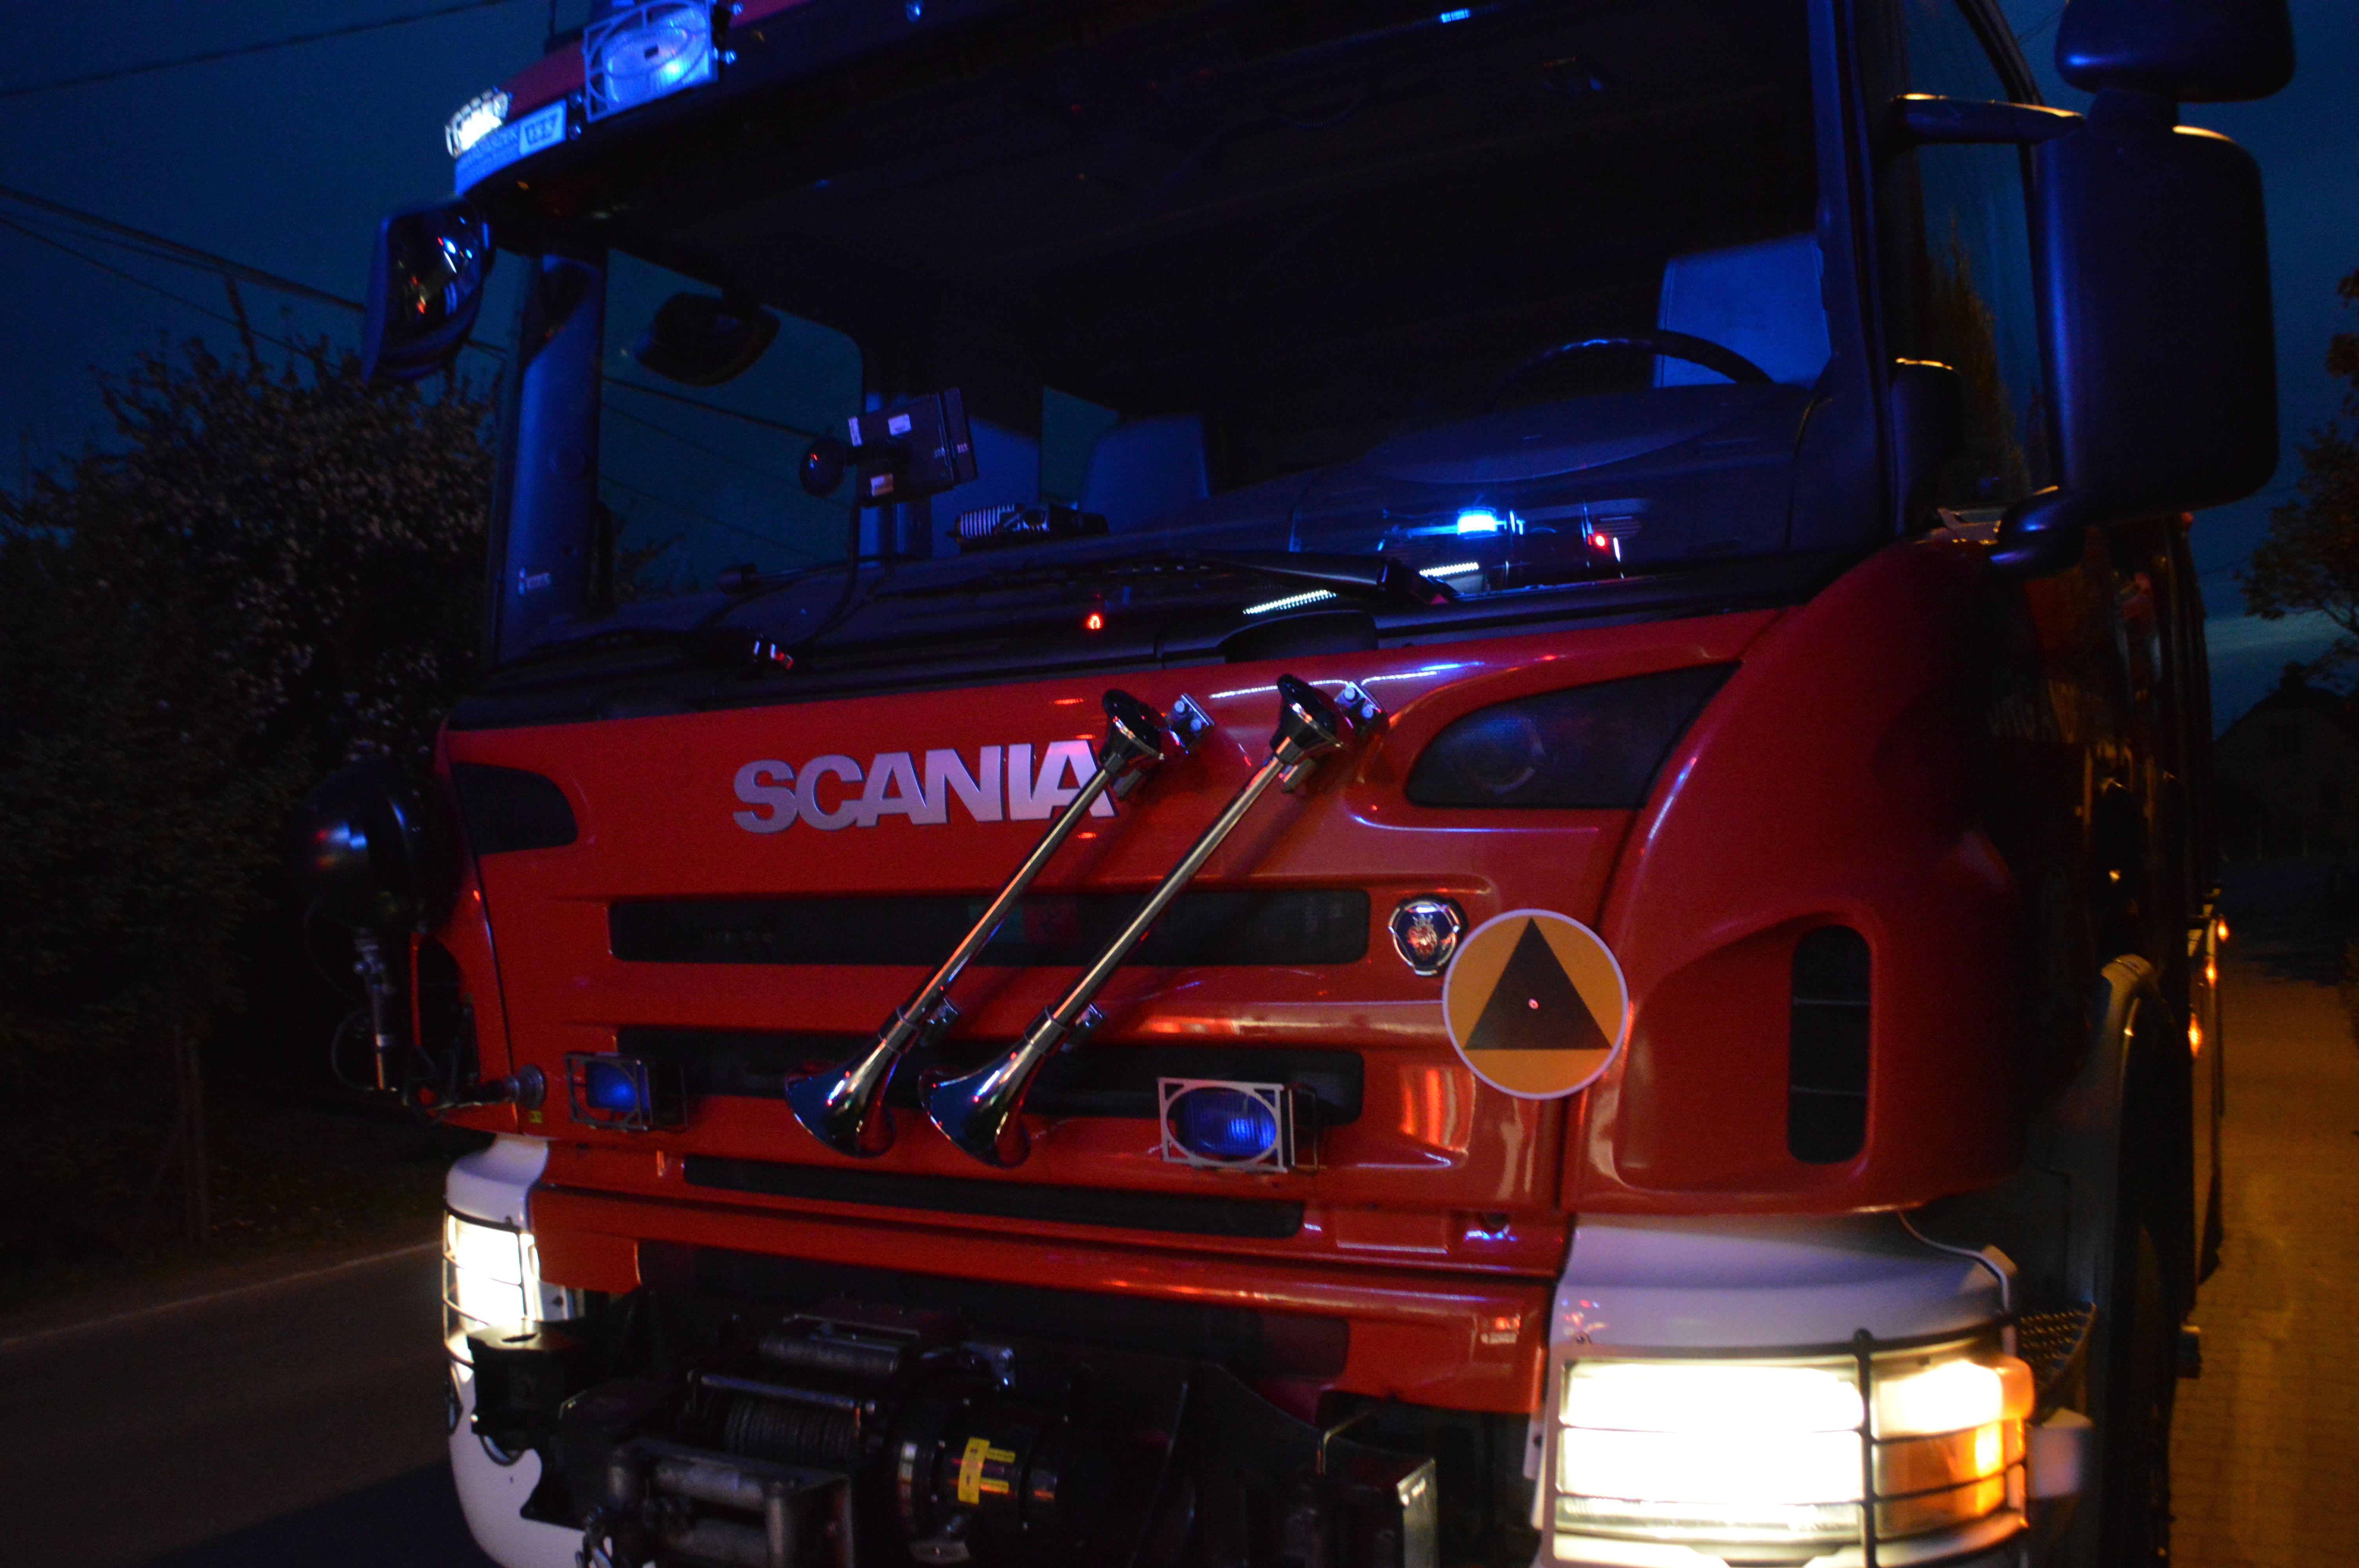 Podpalacz w akcji. W nocy spłonęły trzy samochody